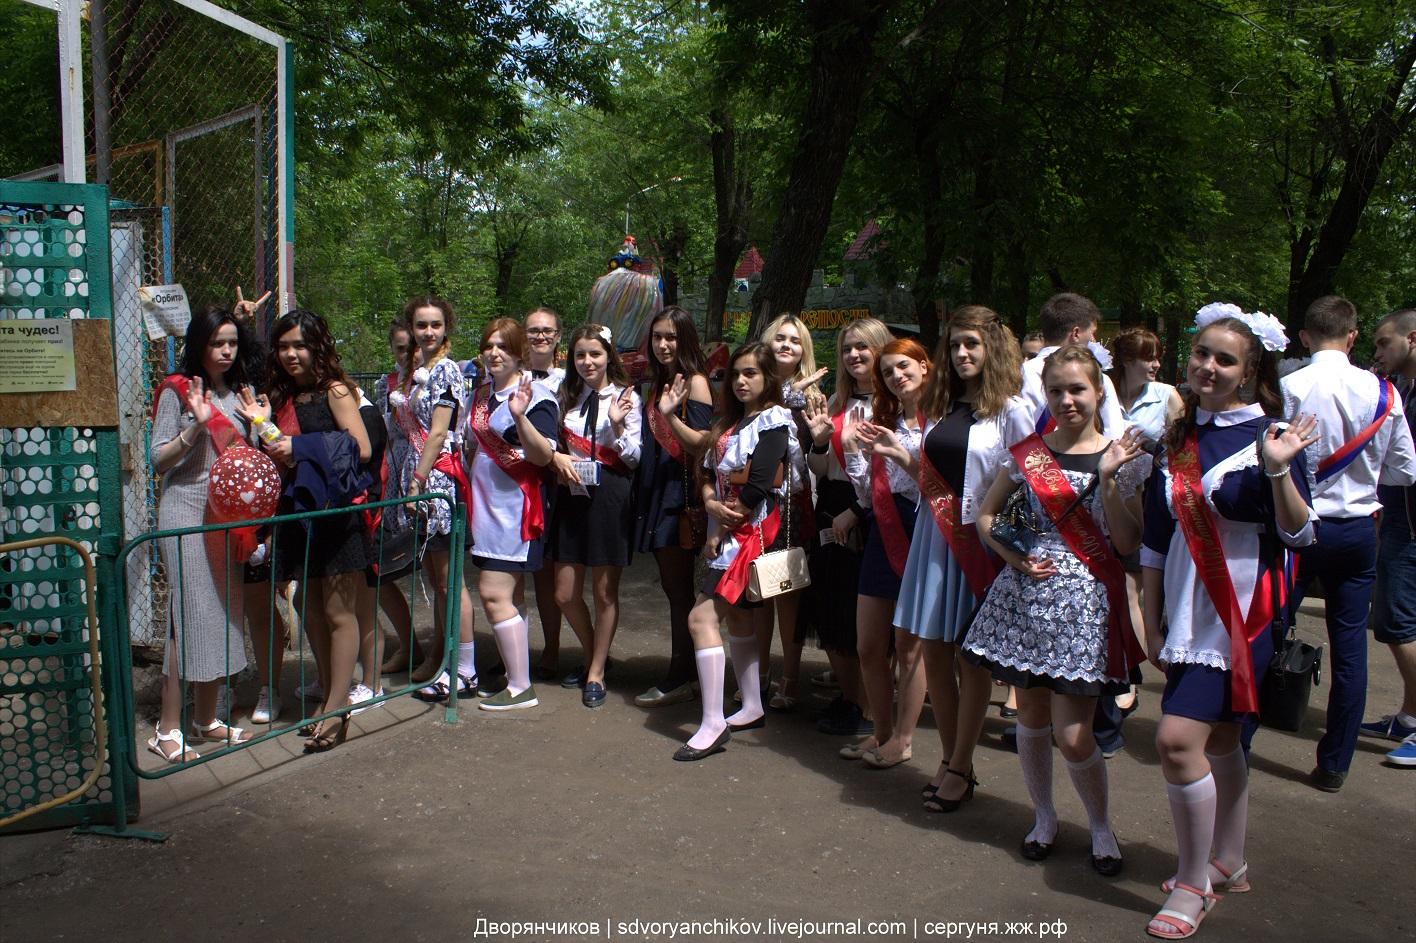 Последний звонок - выпускники в парке ВГС